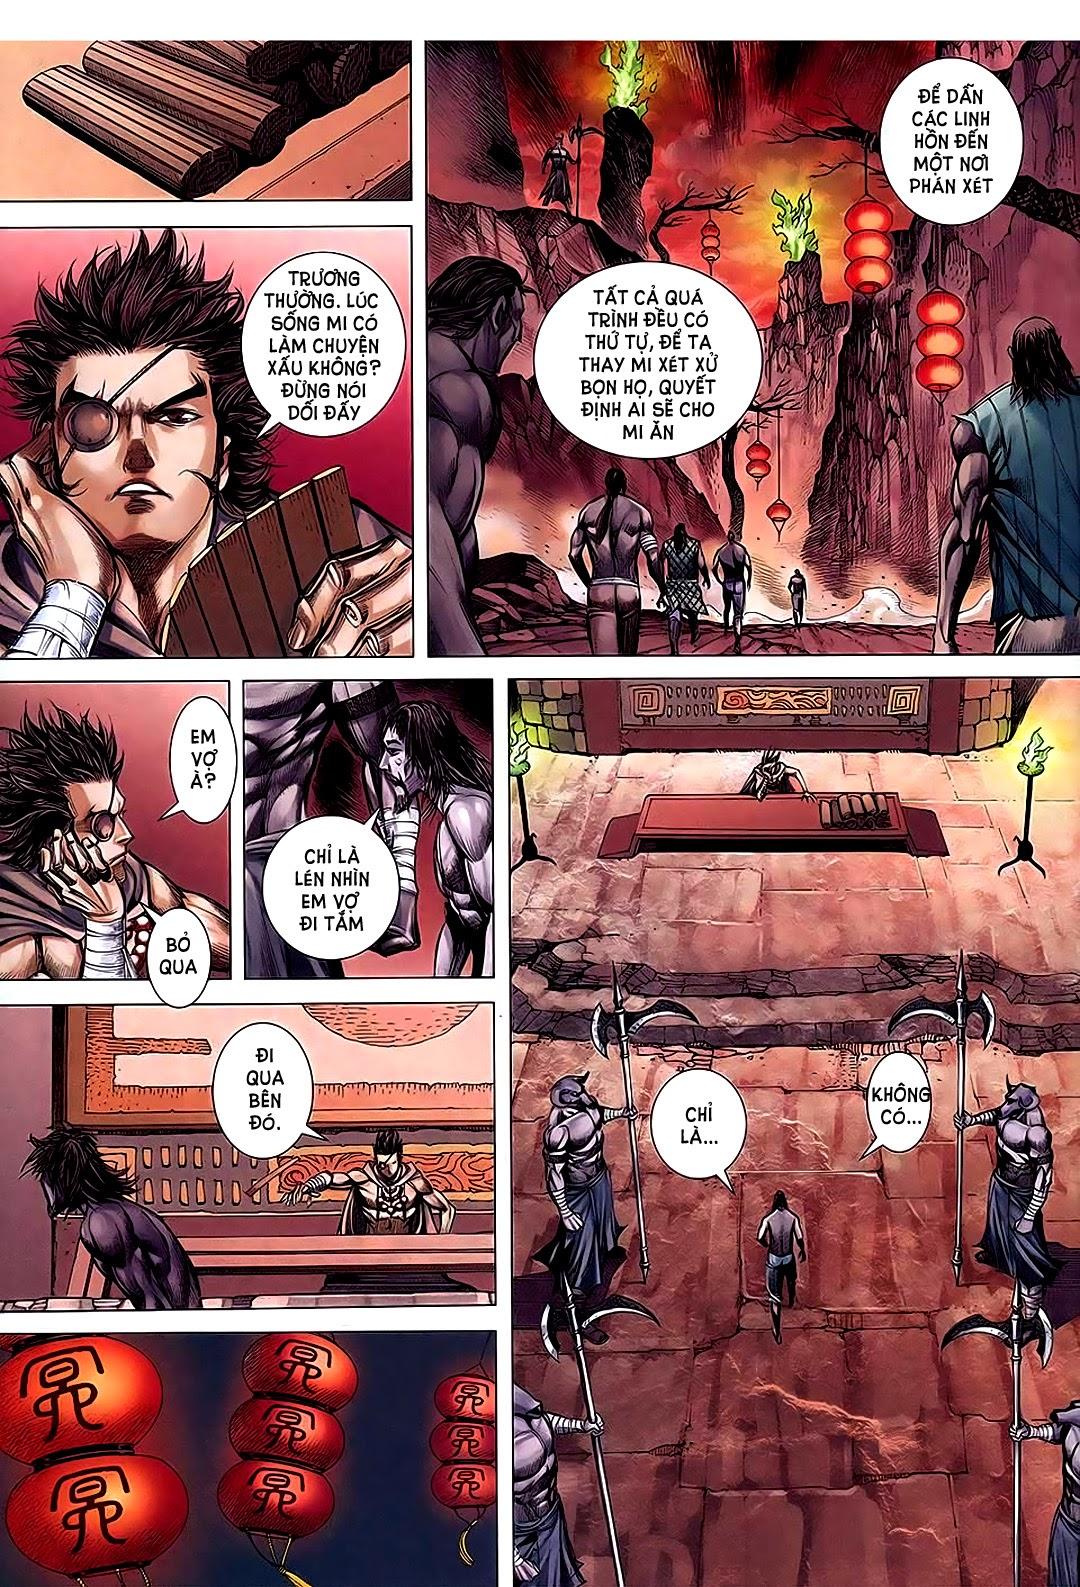 Phong Thần Ký chap 182 – End Trang 29 - Mangak.info